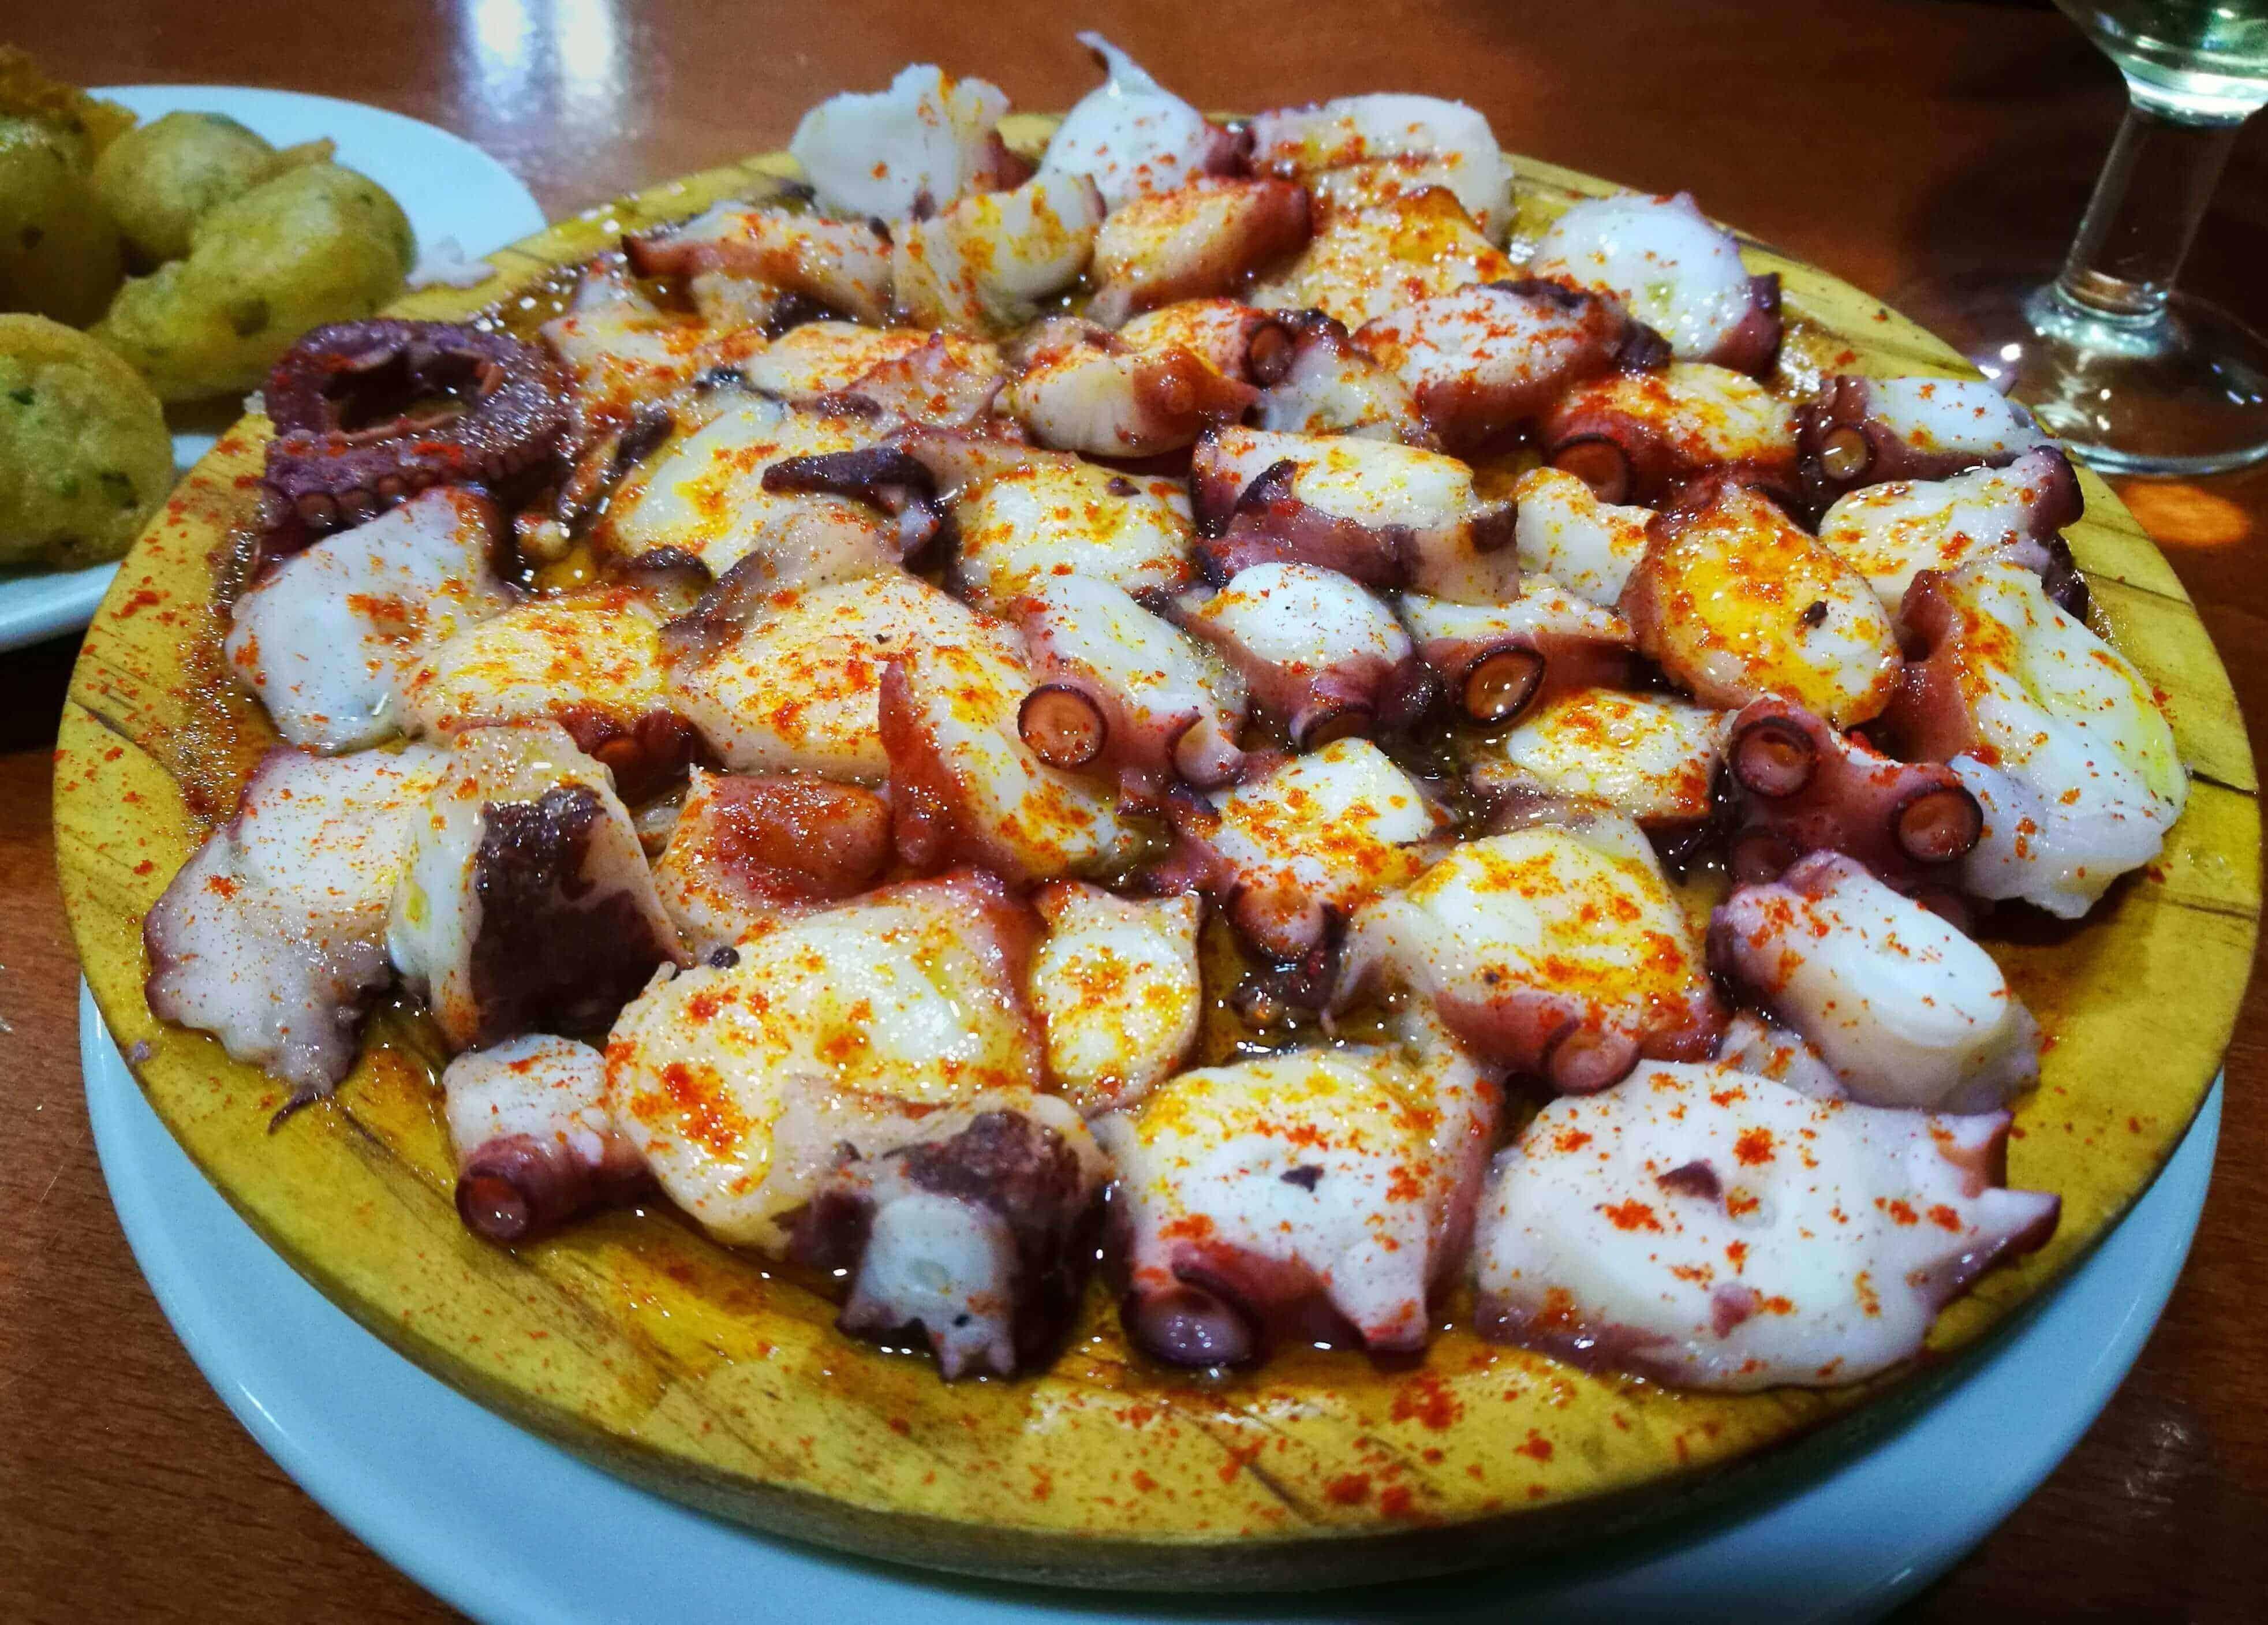 tapas barcelona best tapas in barcelona barcelona tapas restaurant barcelona tapas bar